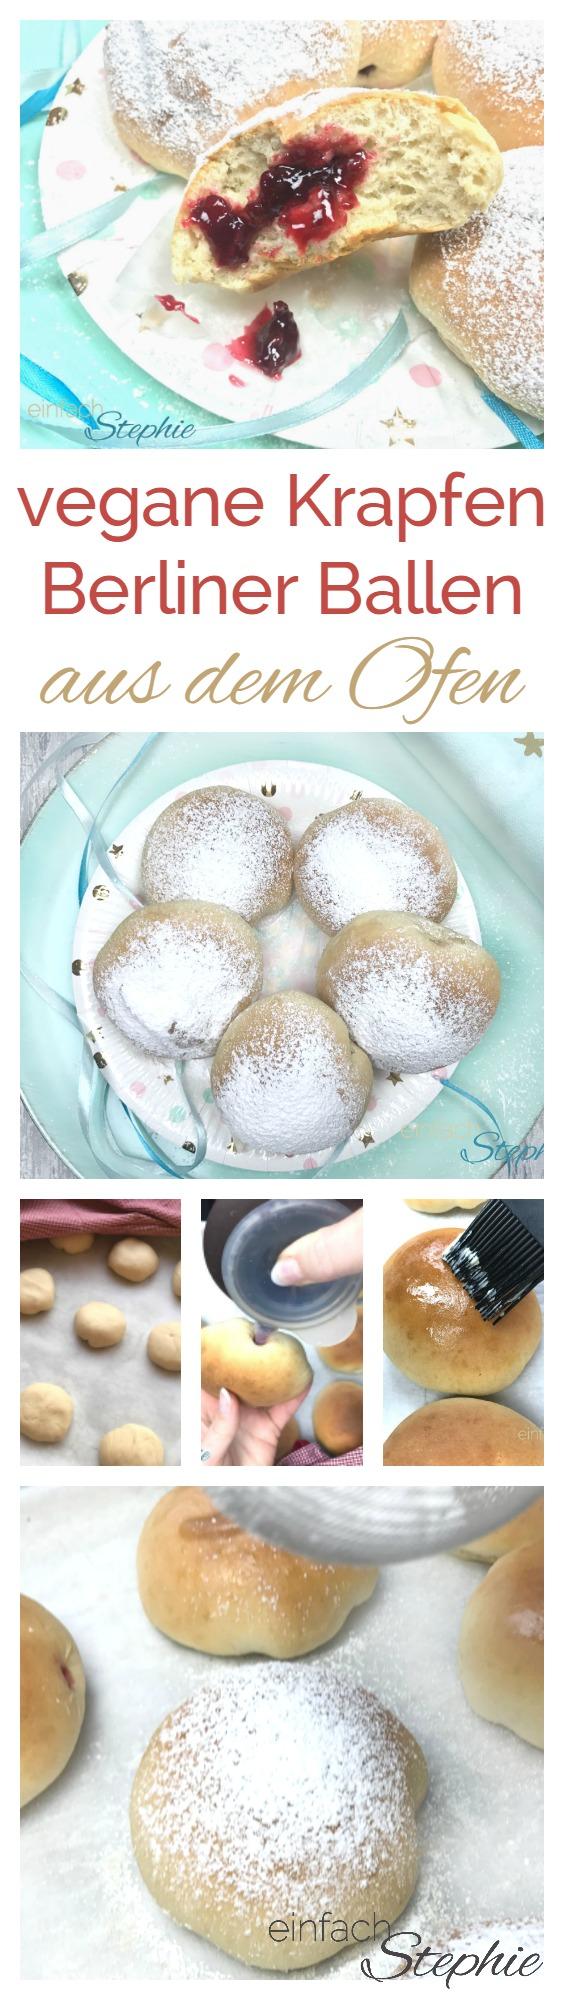 Vegane Krapfen - Berliner Ballen - Faschingskrapfen aus dem Ofen